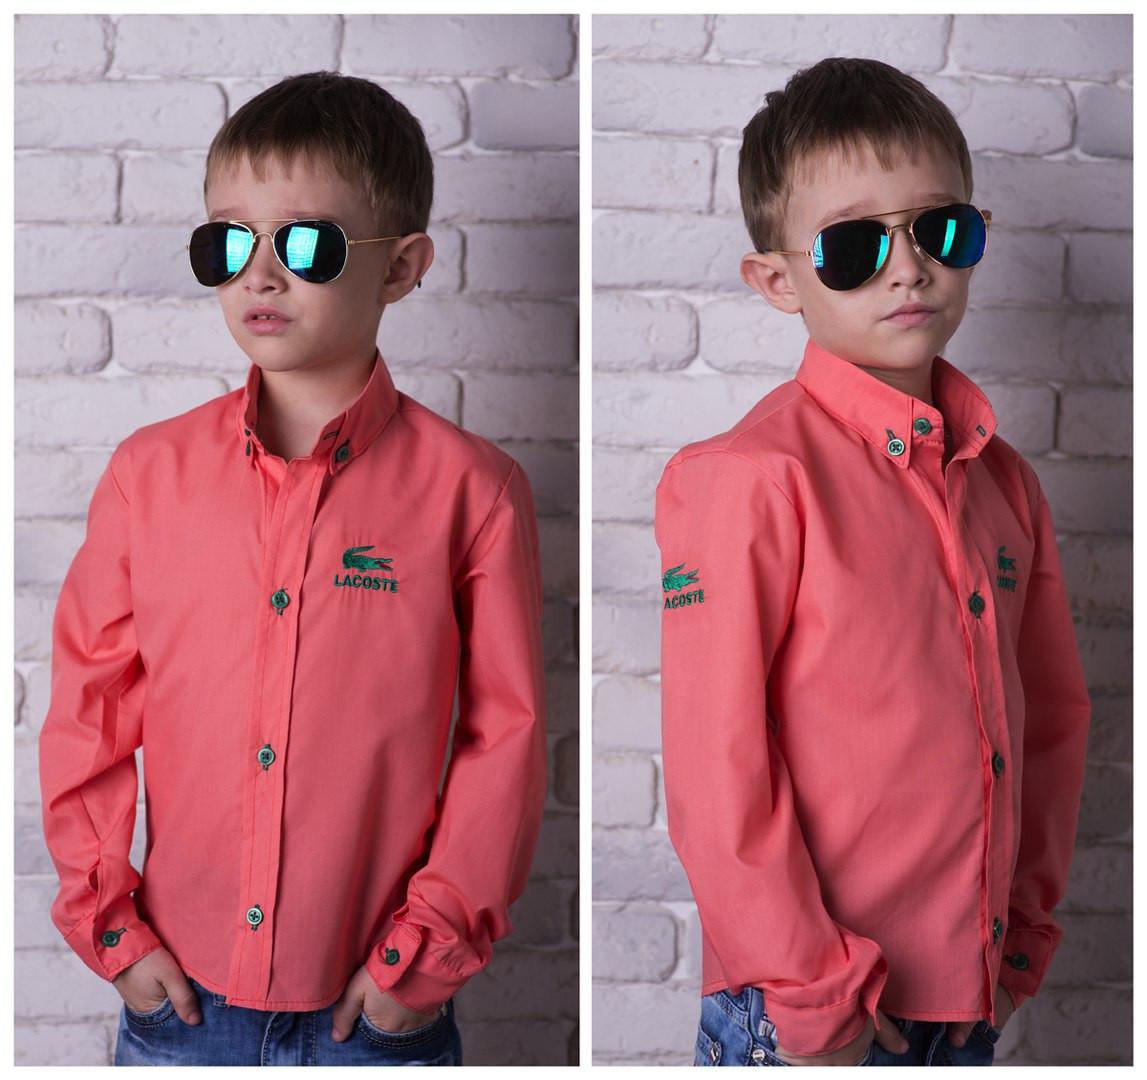 94616e6d675 Стильная рубашка на мальчика Lacoste № 828 е.в - купить по лучшей ...